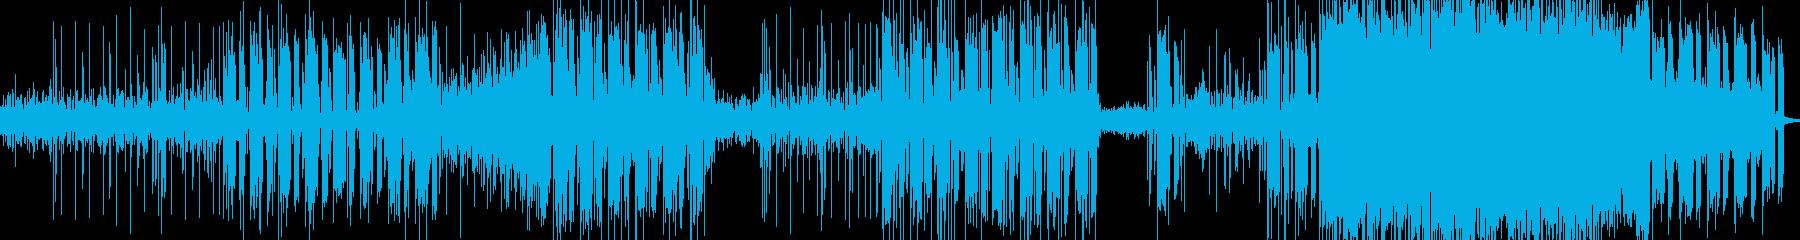 シンセサイザーとベースが織りなすテクノの再生済みの波形